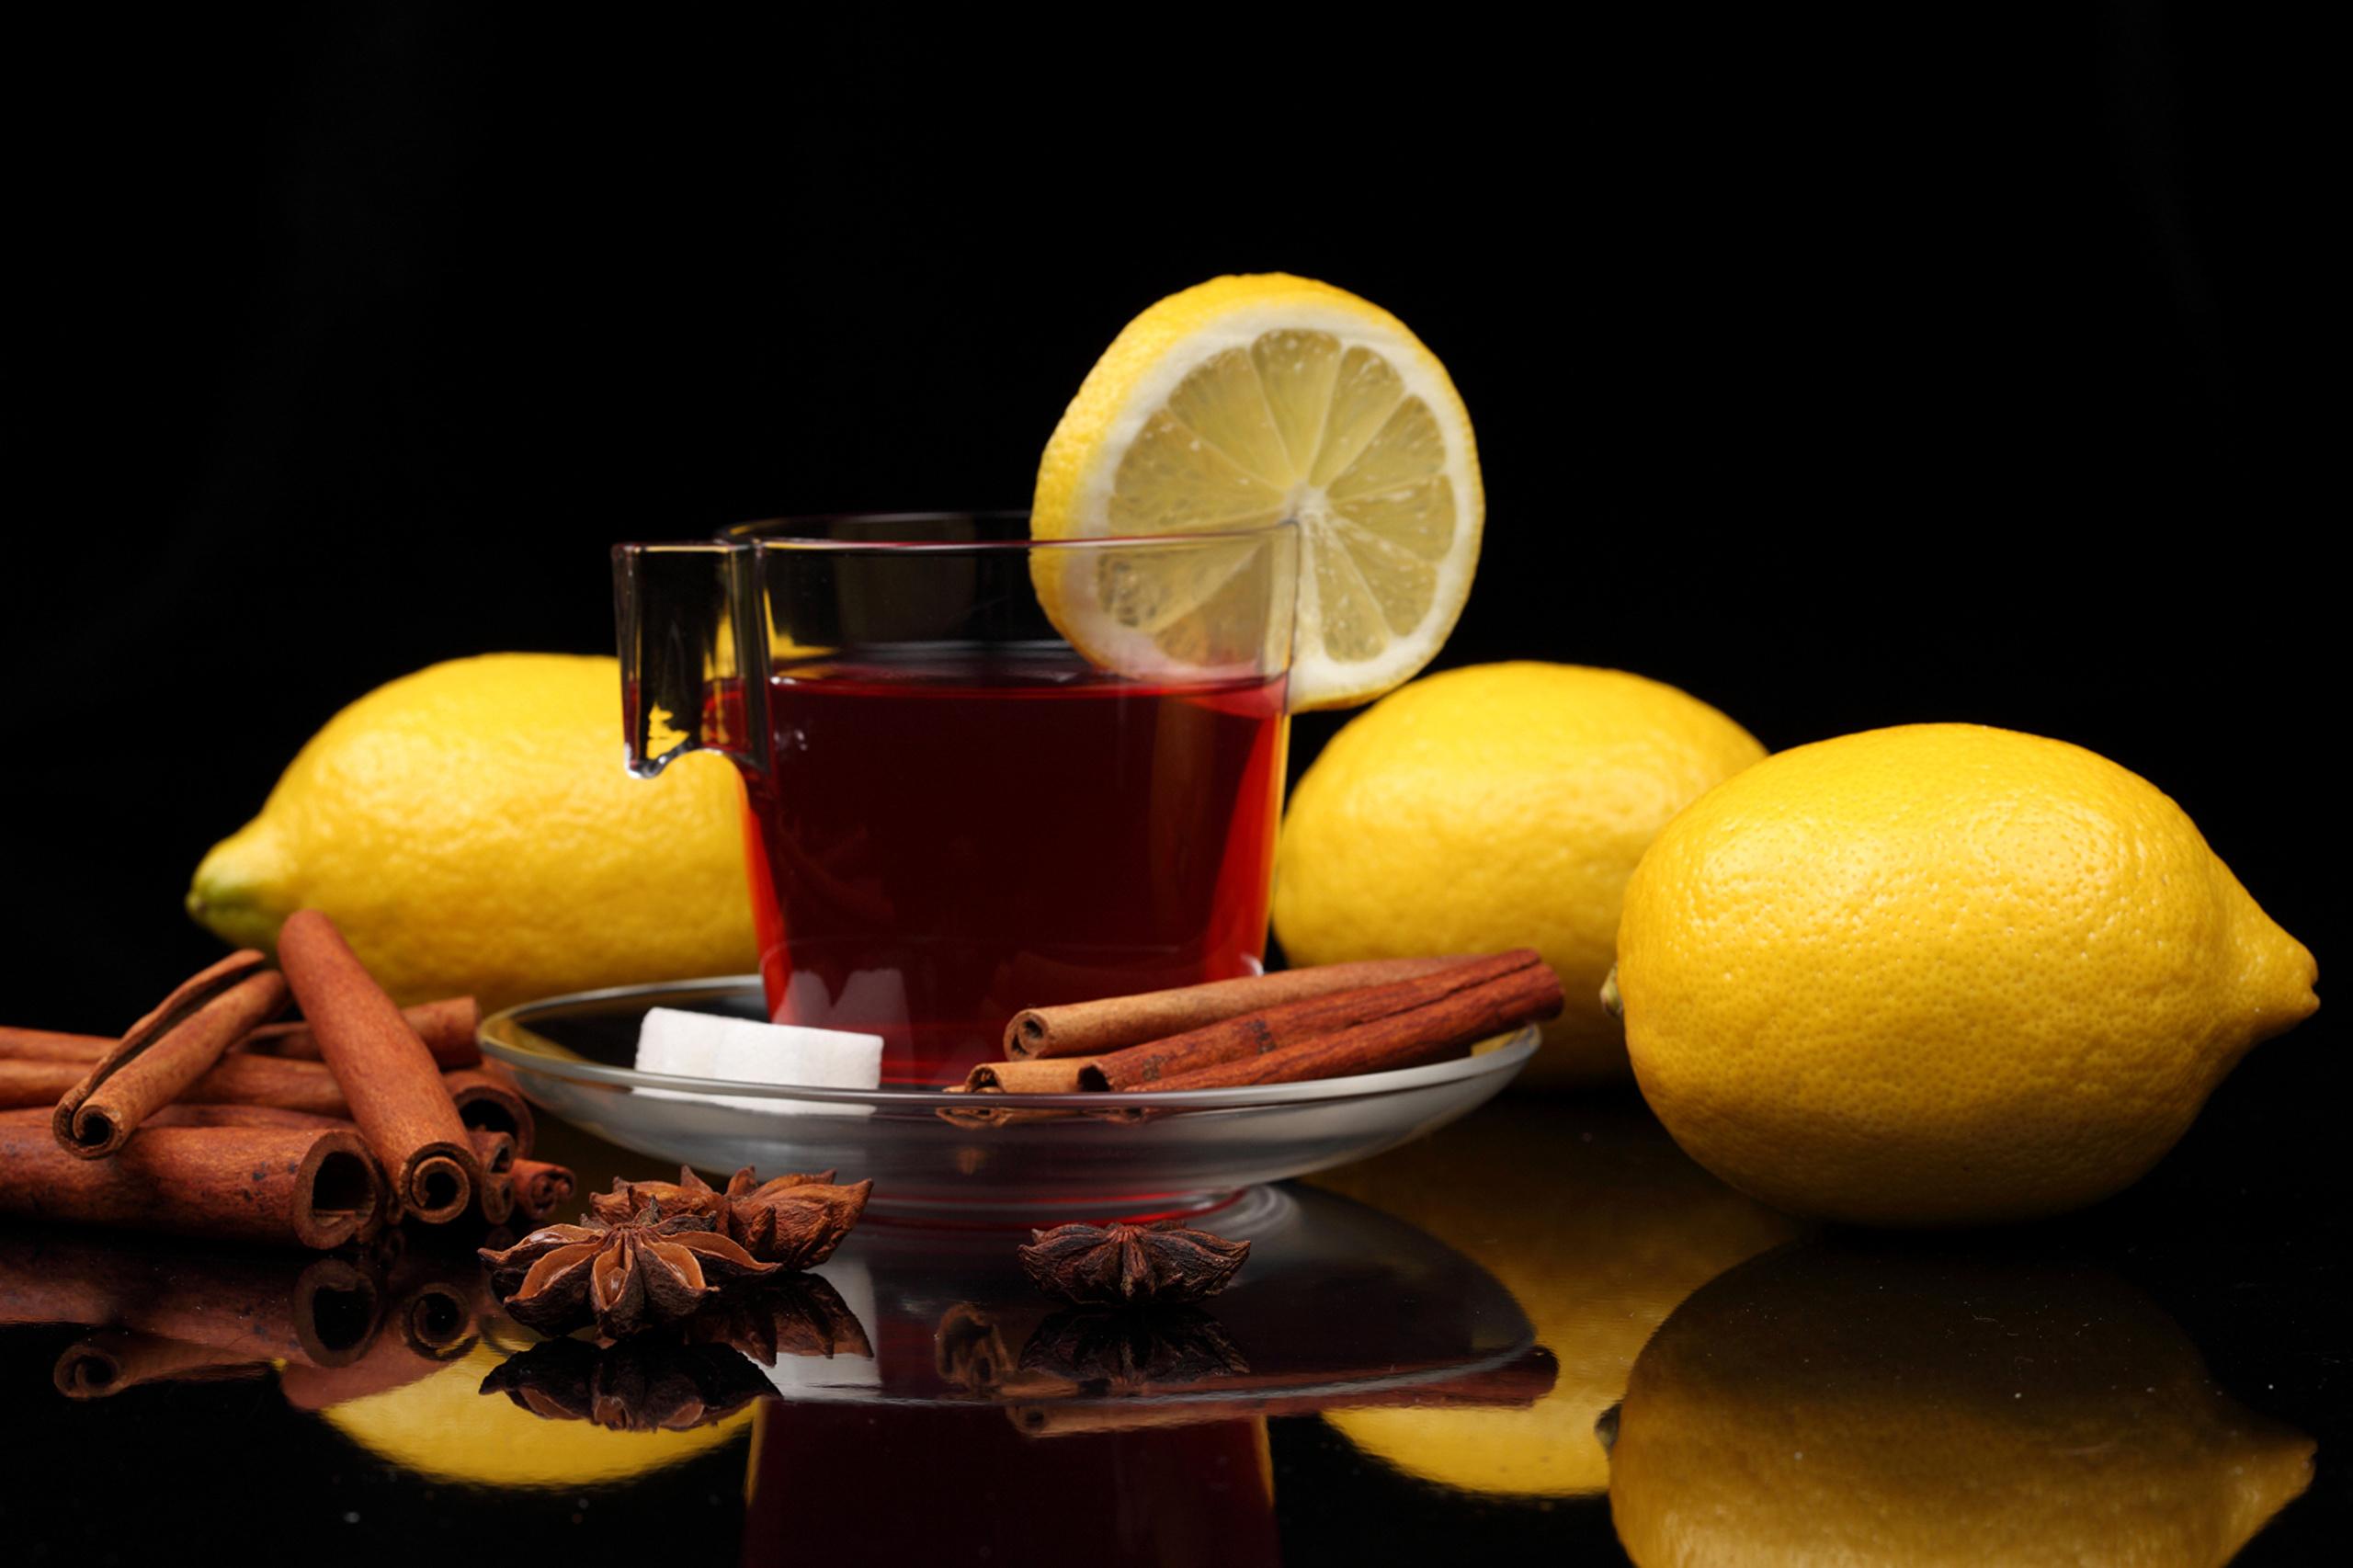 Дольки лимона в стакане  № 3698247 без смс